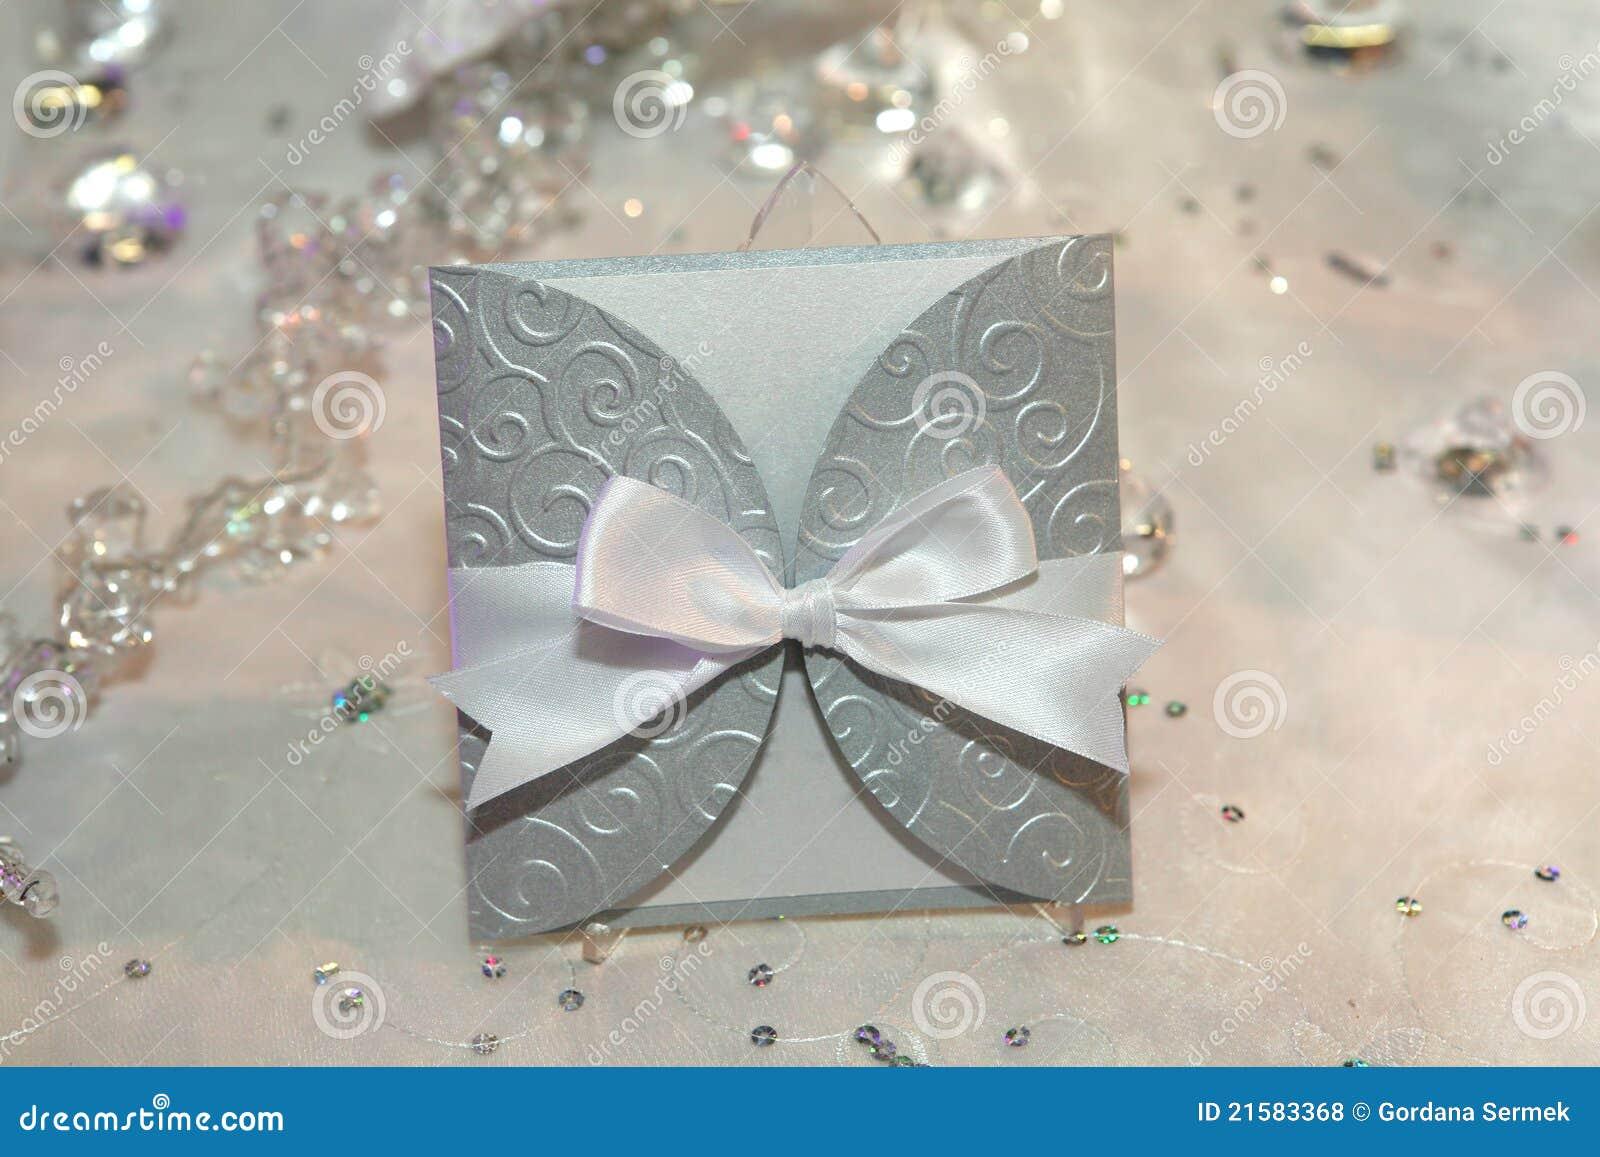 Elegante Hochzeitseinladung Lizenzfreie Stockfotos - Bild: 21583368